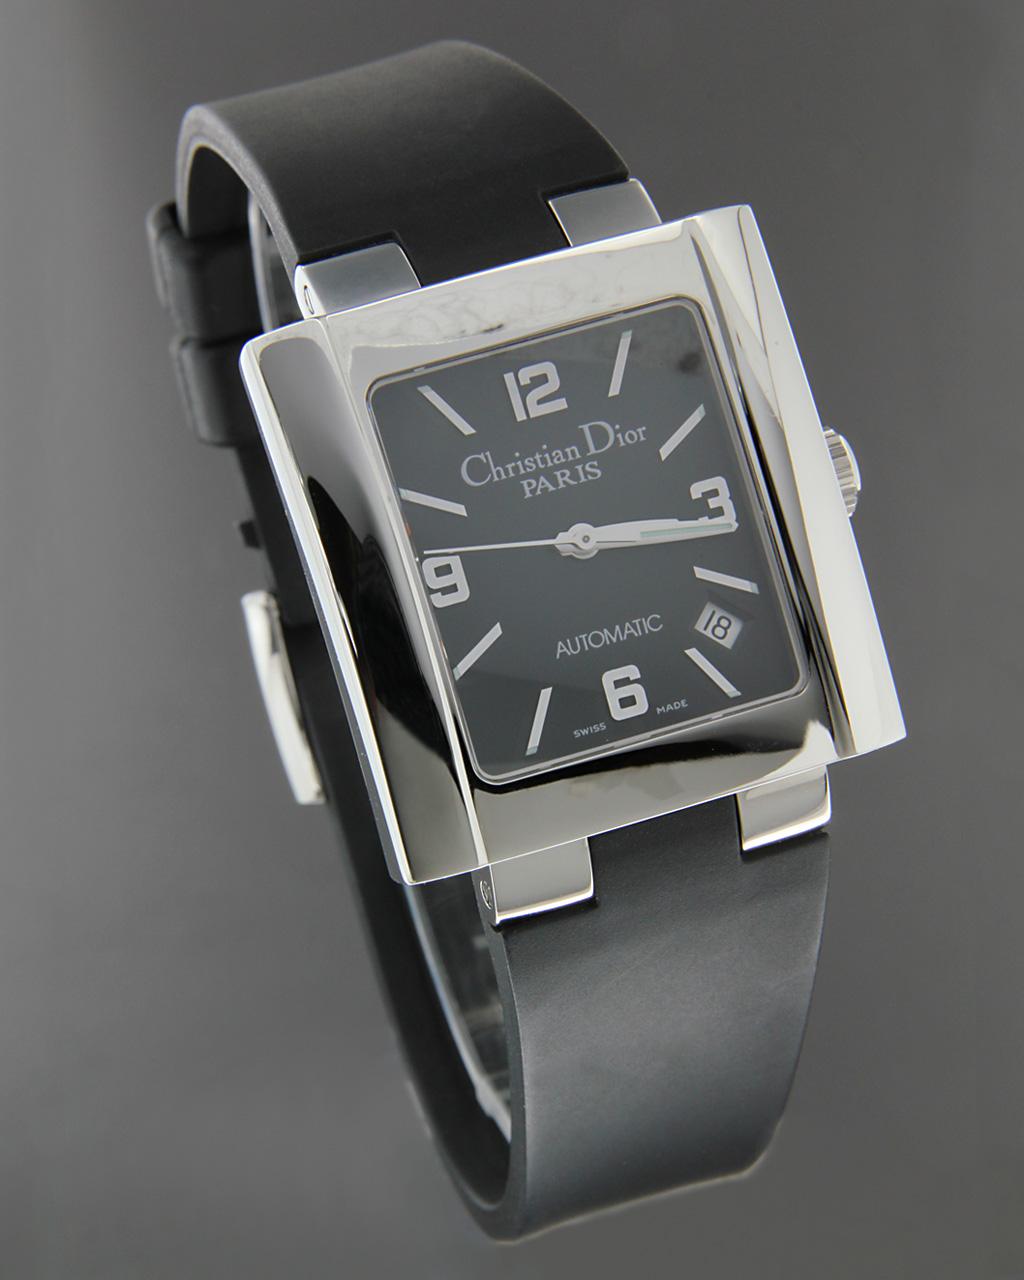 Ρολόι Christian Dior 85100   προσφορεσ ρολόγια ρολόγια πάνω απο 500ε